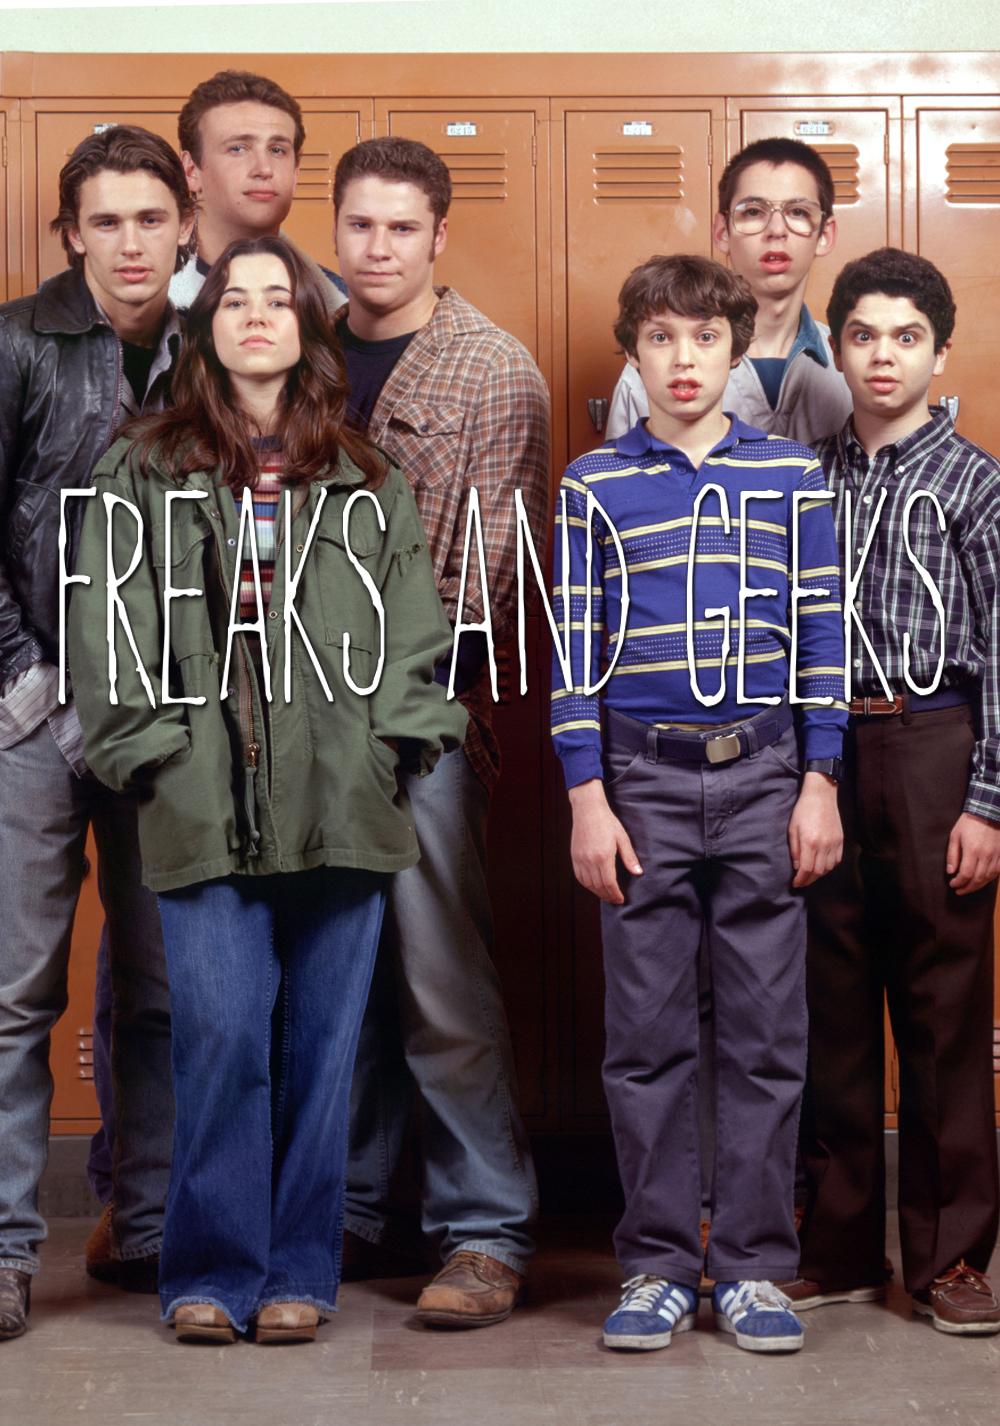 freaks-and-geeks-52c6ba777cfda.jpg